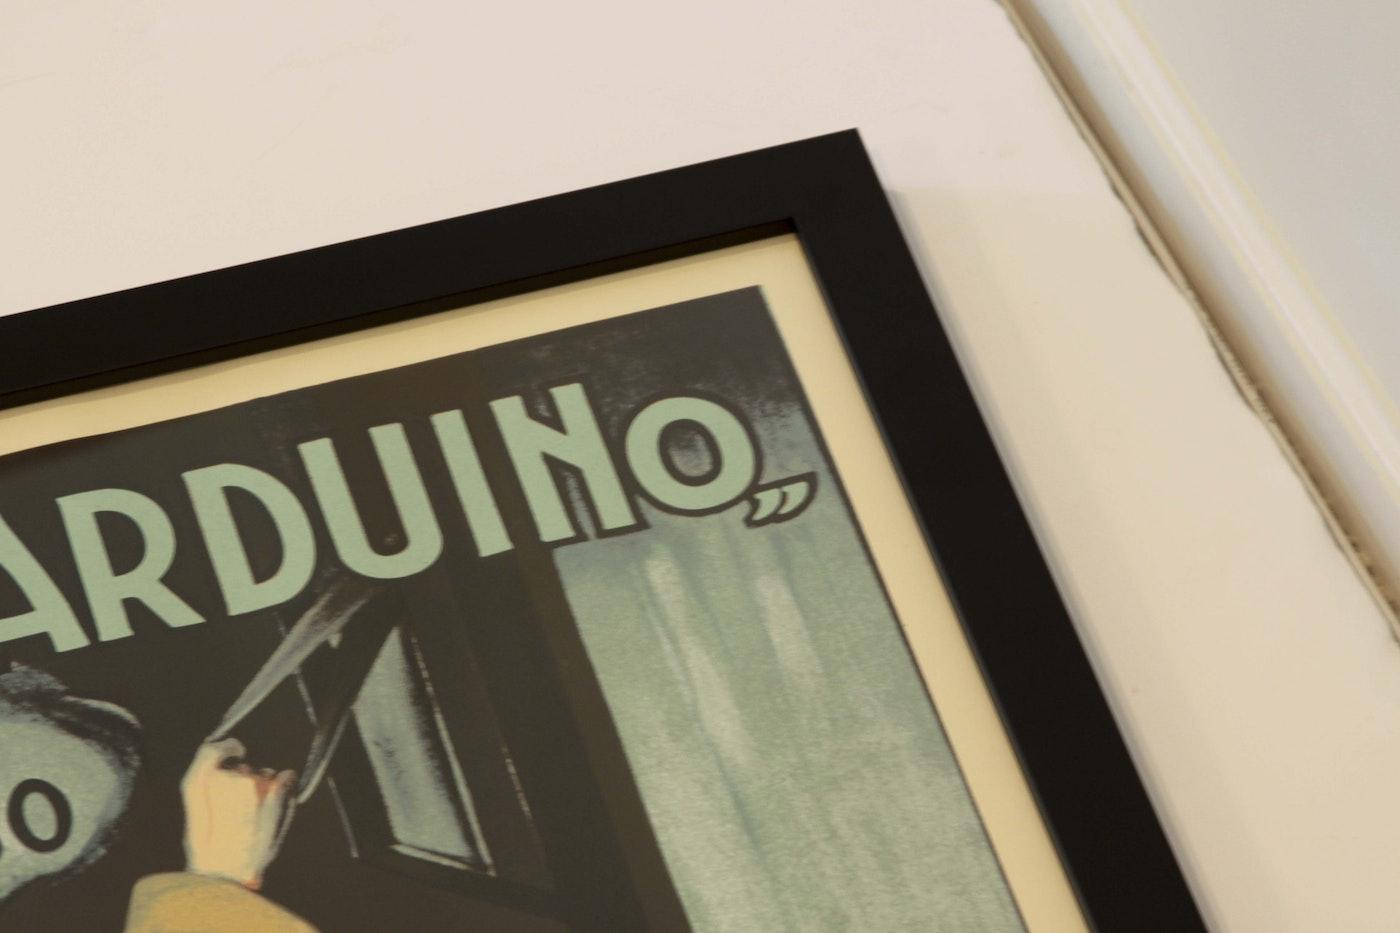 Leonetto cappiello quot la victoria arduino poster print ebth